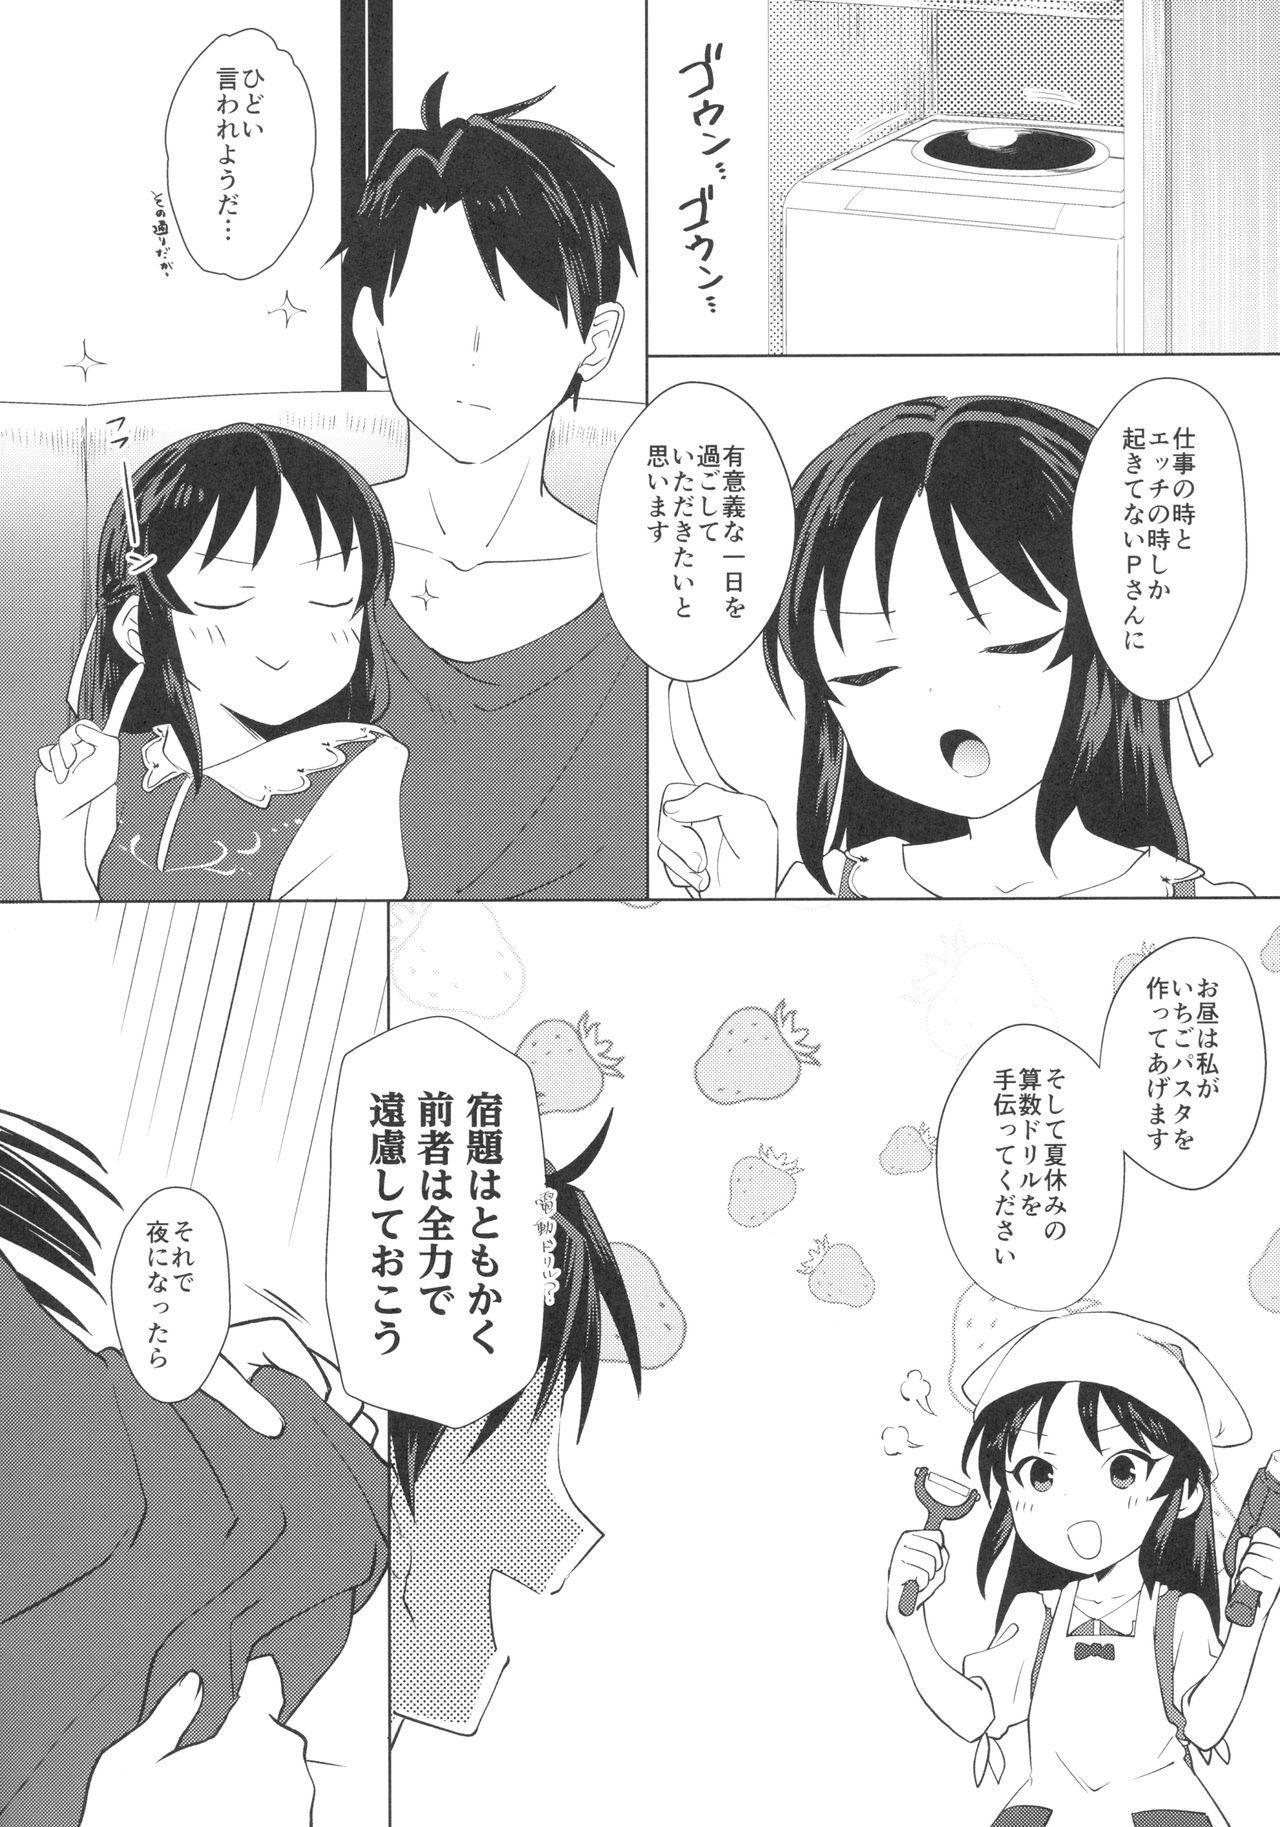 Tachibana Arisu wa Sunao ni Narenai 26